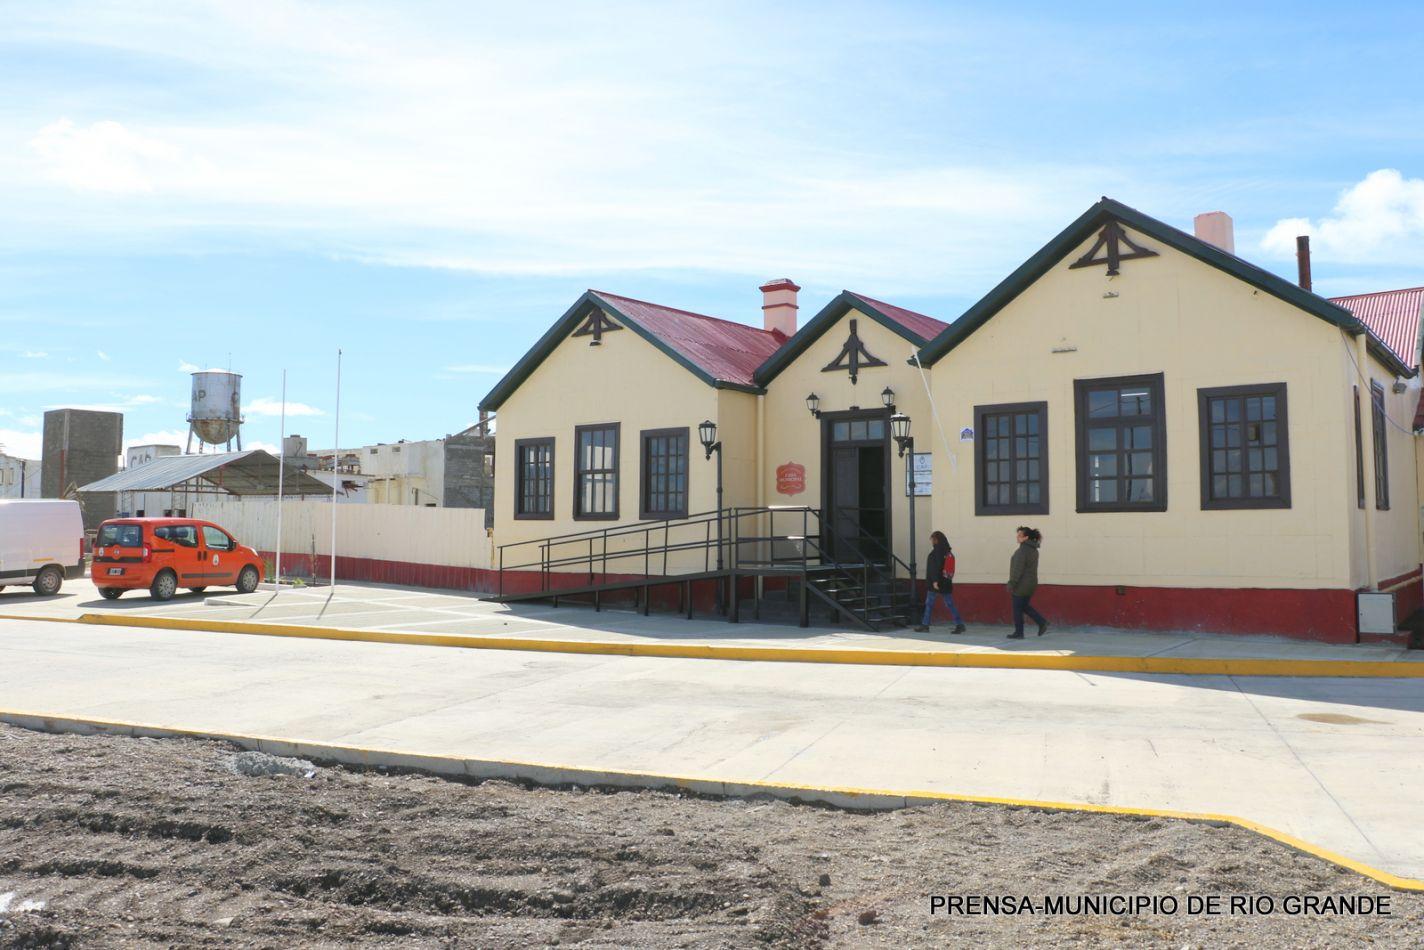 Casa Municipal Margen Sur